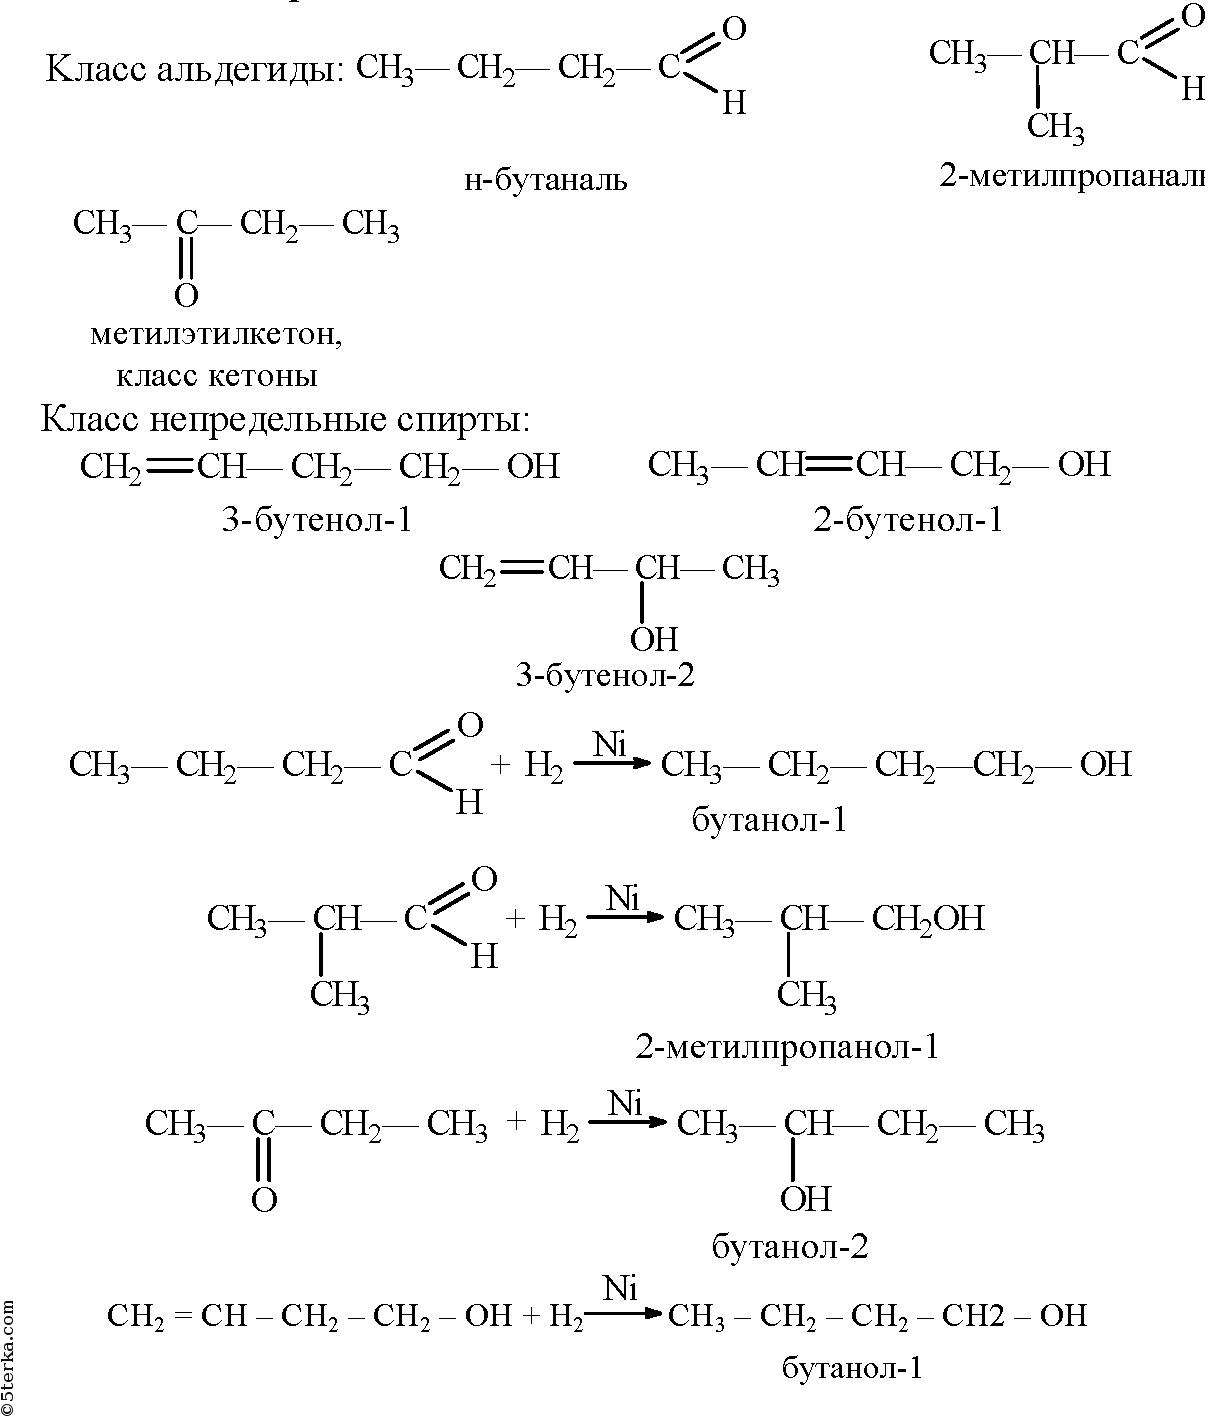 Сколько изомеров характерно для гексана